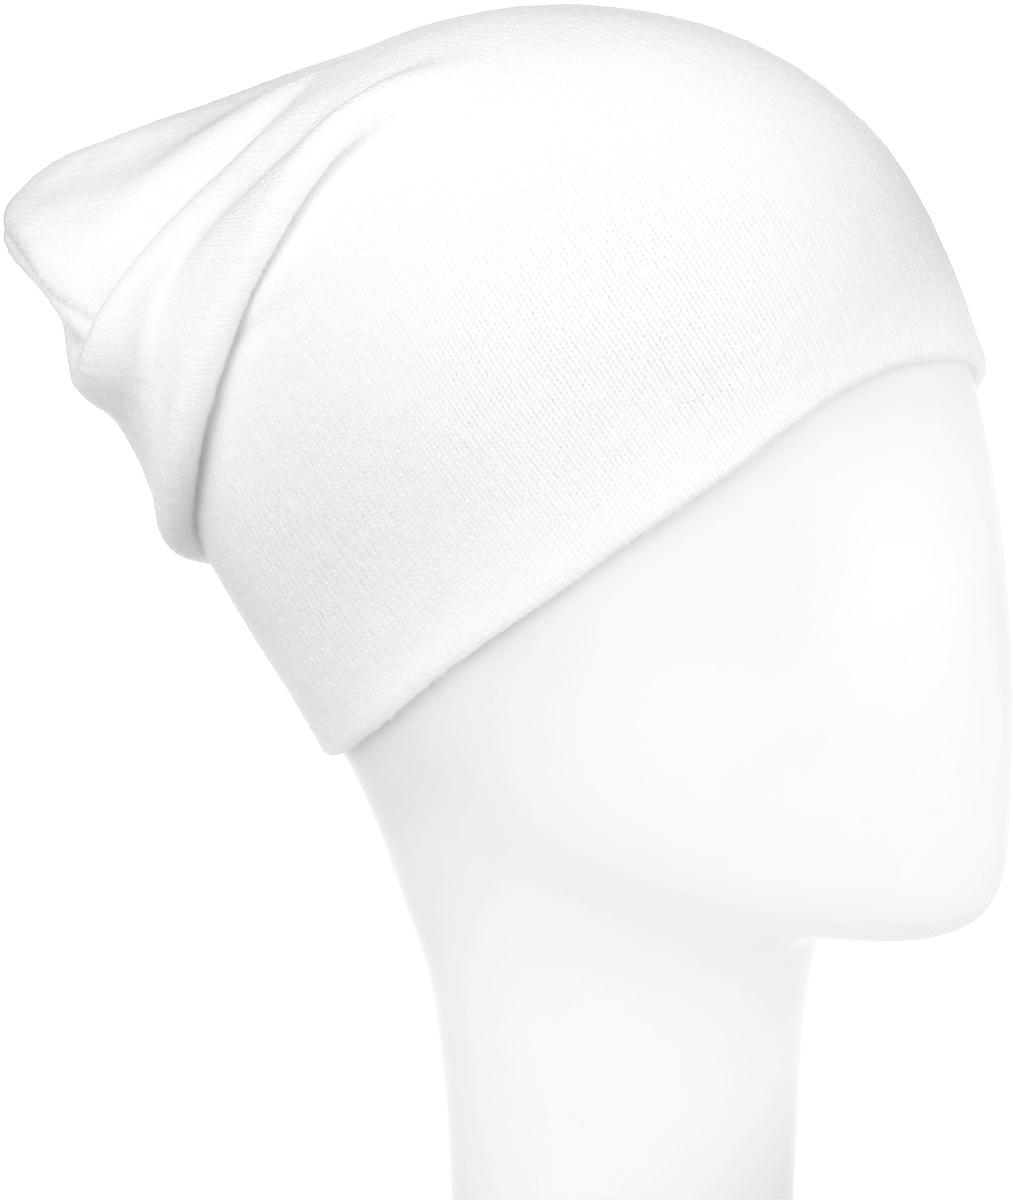 Шапка для девочки Elfrio, цвет: белый. RFH5713. Размер 55/56RFH5713Шапка для девочки Elfrio отлично подойдет для прогулок в прохладное время года. Изделие, изготовленное из акрила и эластана, максимально сохраняет тепло. Шапка плотно прилегает к голове ребенка, мягкая и приятная на ощупь. Удлиненная модель шапки идеально подходит для любого типа лица. Изделие дополнено небольшой жаккардовой нашивкой с названием бренда. Двухслойную шапку можно носить как с отворотом, так и без. Такая модель будет актуальна как на спортивных мероприятиях, так и в повседневной жизни. Современный дизайн и расцветка делают эту шапку модным и стильным предметом детского гардероба. В ней ребенку будет тепло, уютно и комфортно. Уважаемые клиенты!Размер, доступный для заказа, является обхватом головы.